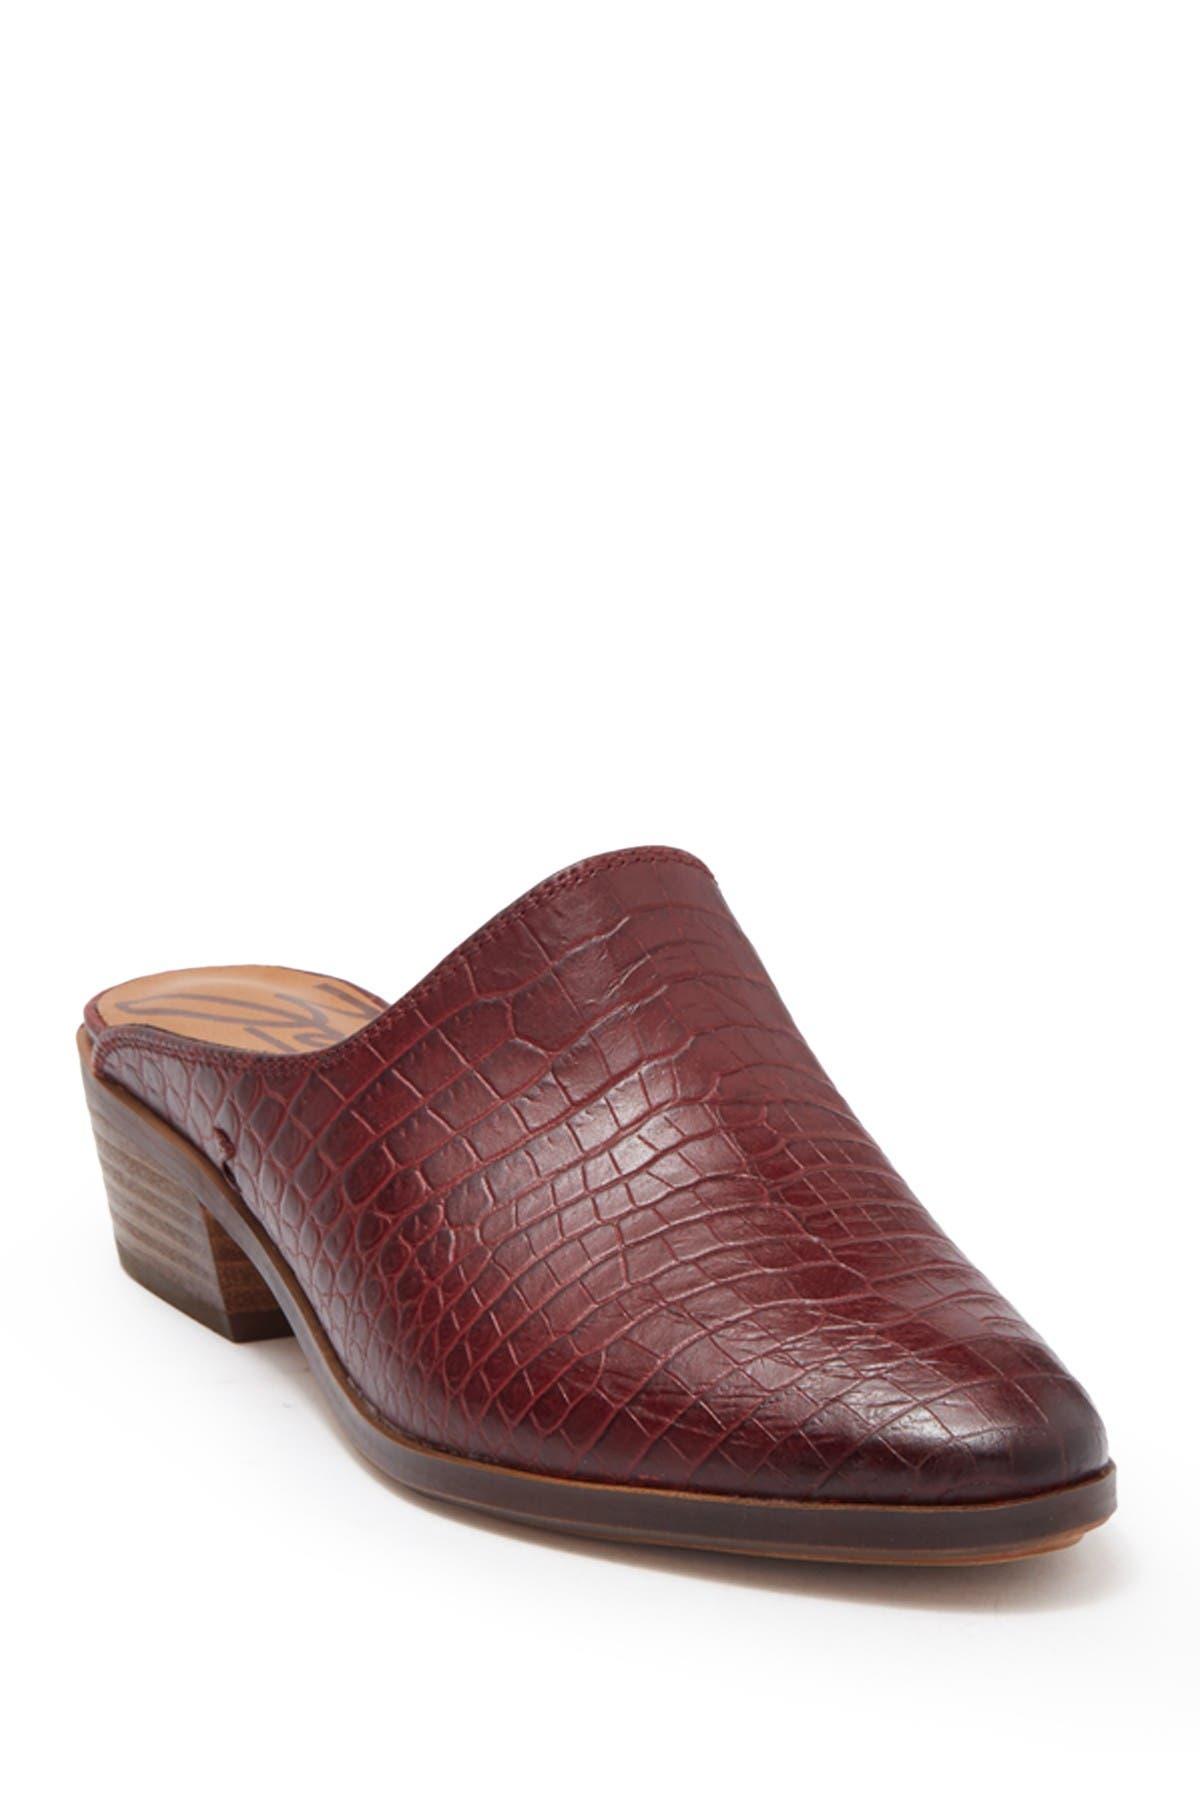 Image of Zodiac Quartz Croc Embossed Leather Mule